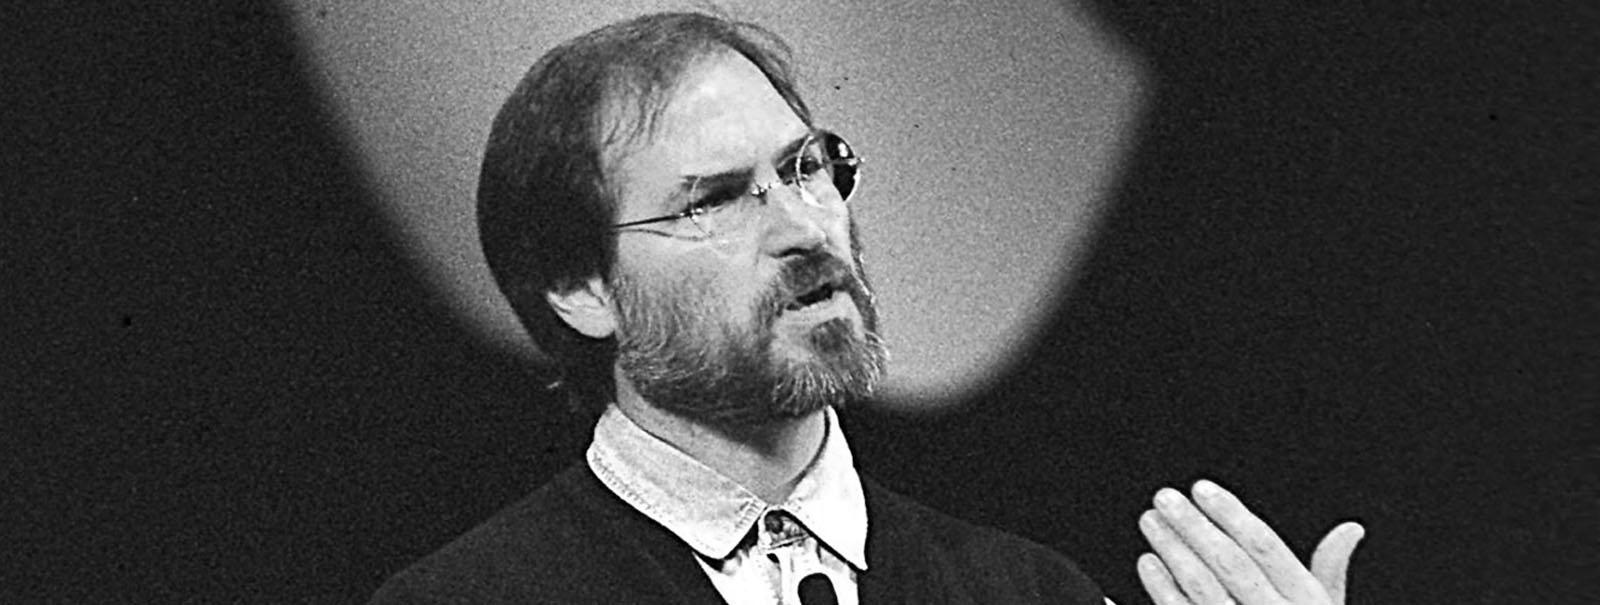 Steve Jobs, il genio sognatore - Condé Nast Live!